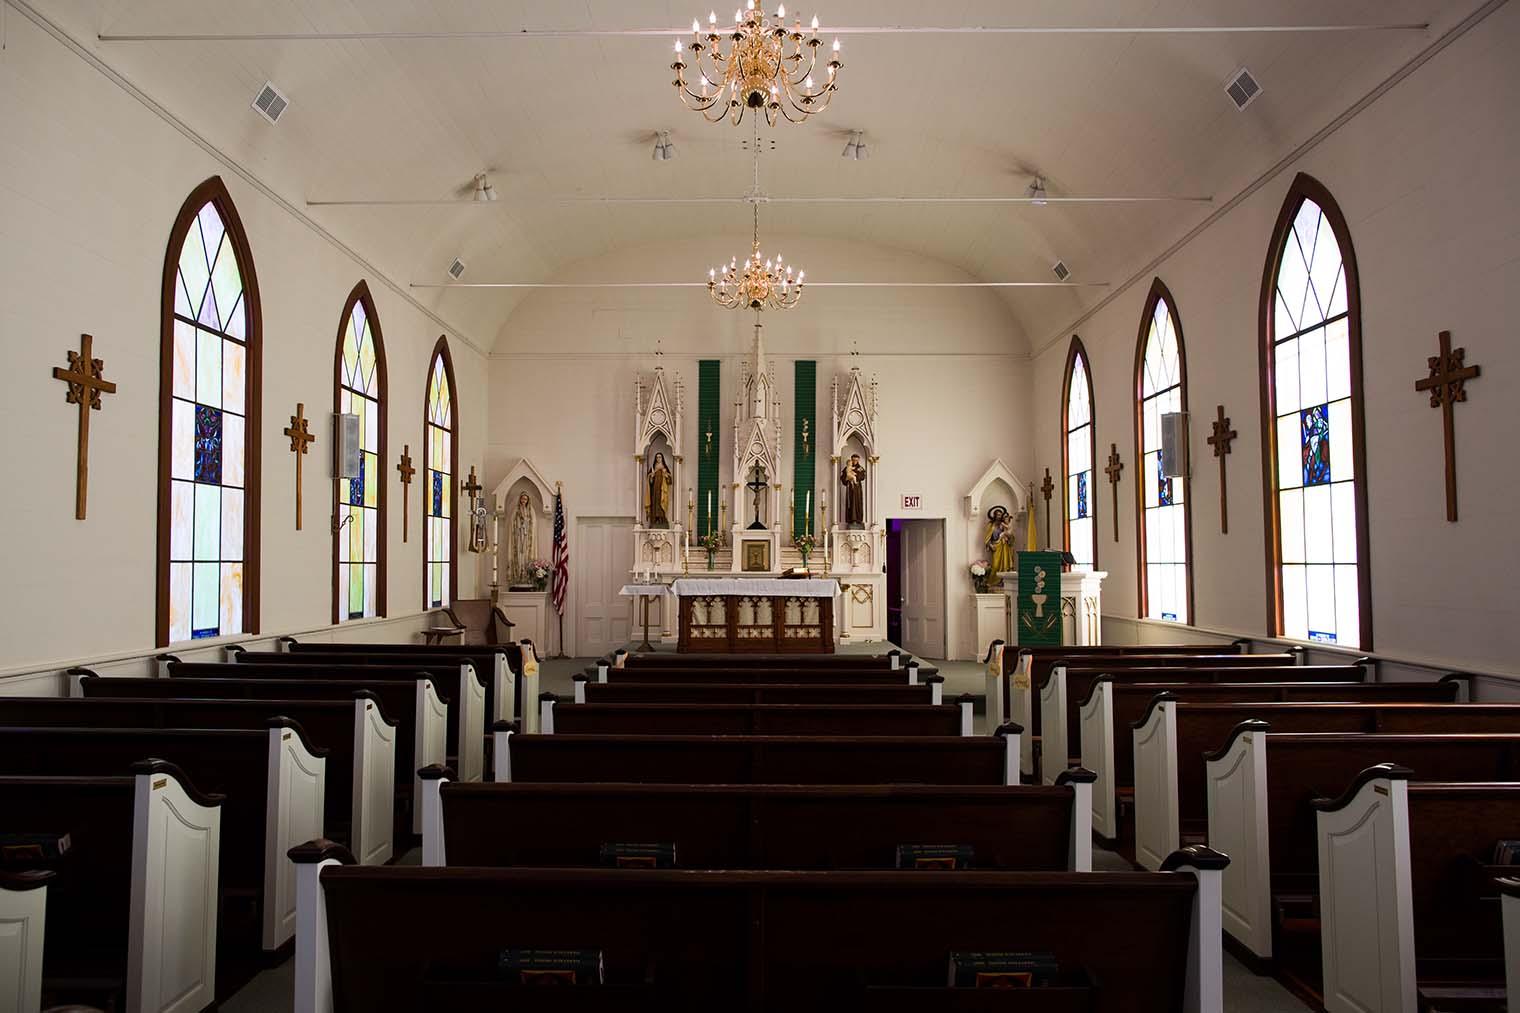 Saint Teresa of Avila Church in Bodega, CA